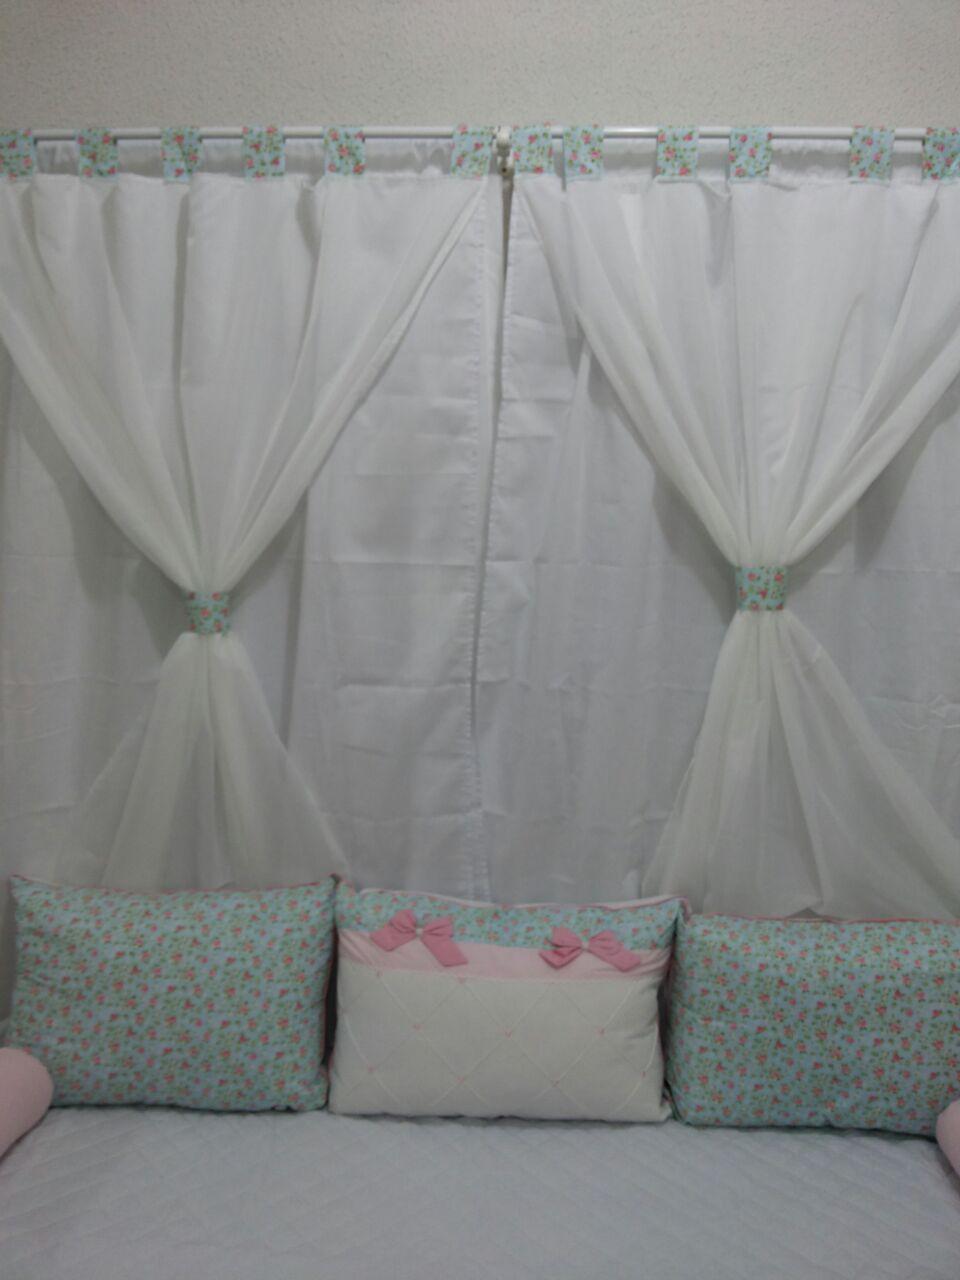 cortina Branca e floral azul de voal  ateliê do bebê ibitinga  Elo7